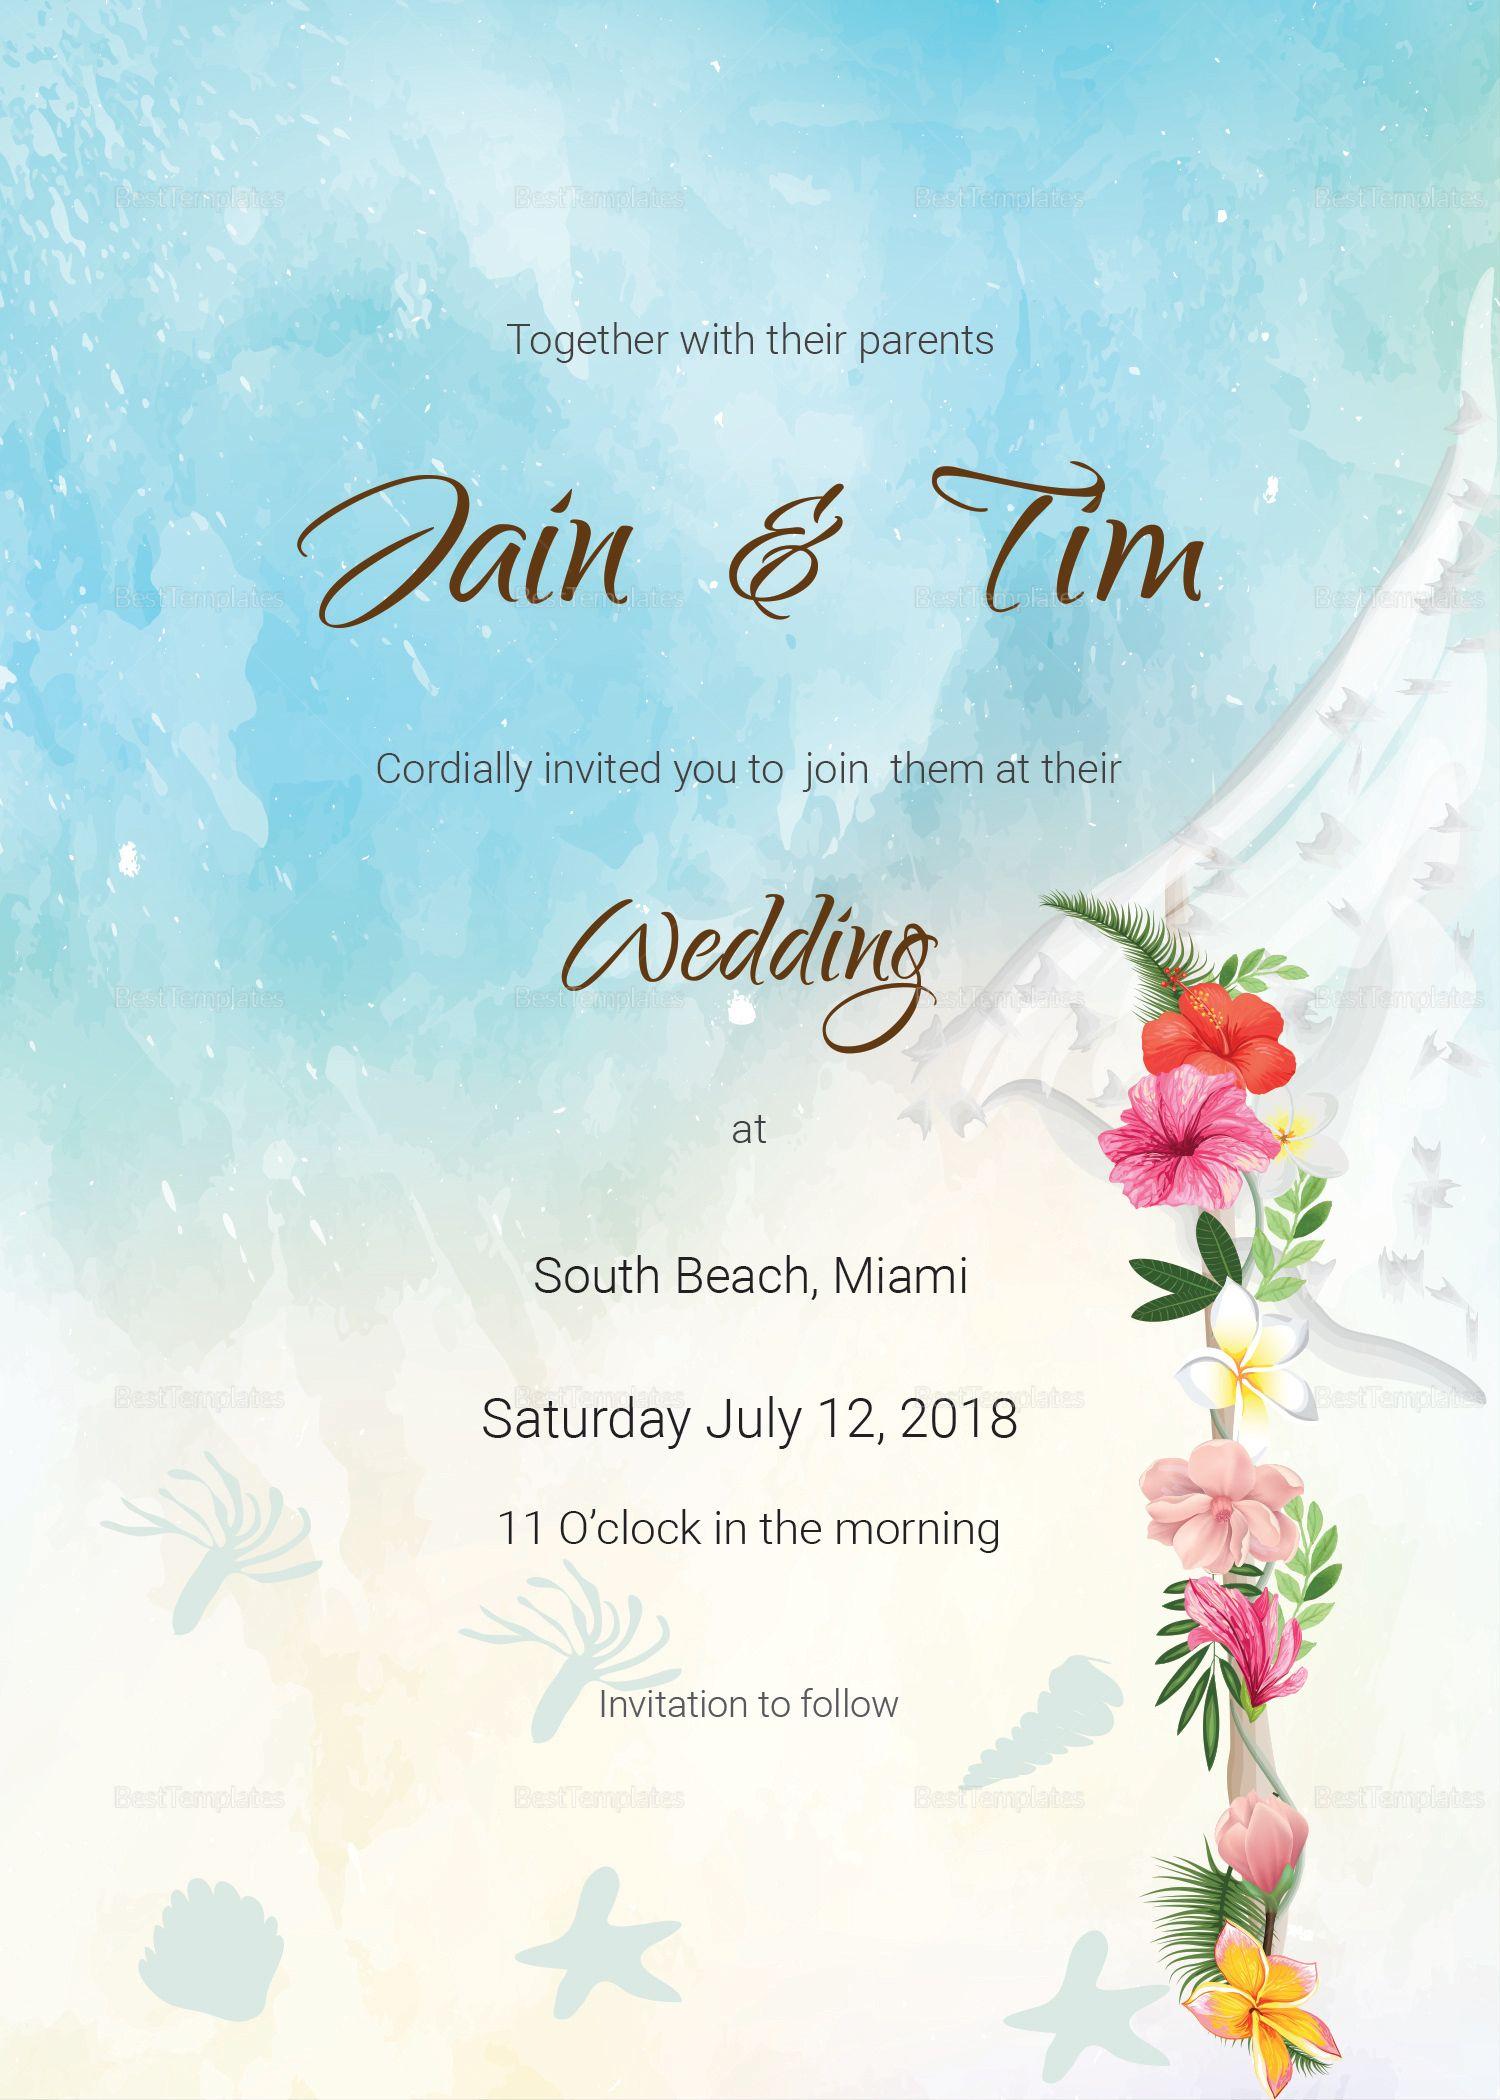 Beach Wedding Invitation Card Template Beach Wedding Invitations Wedding Invitation Card Design Wedding Invitation Templates